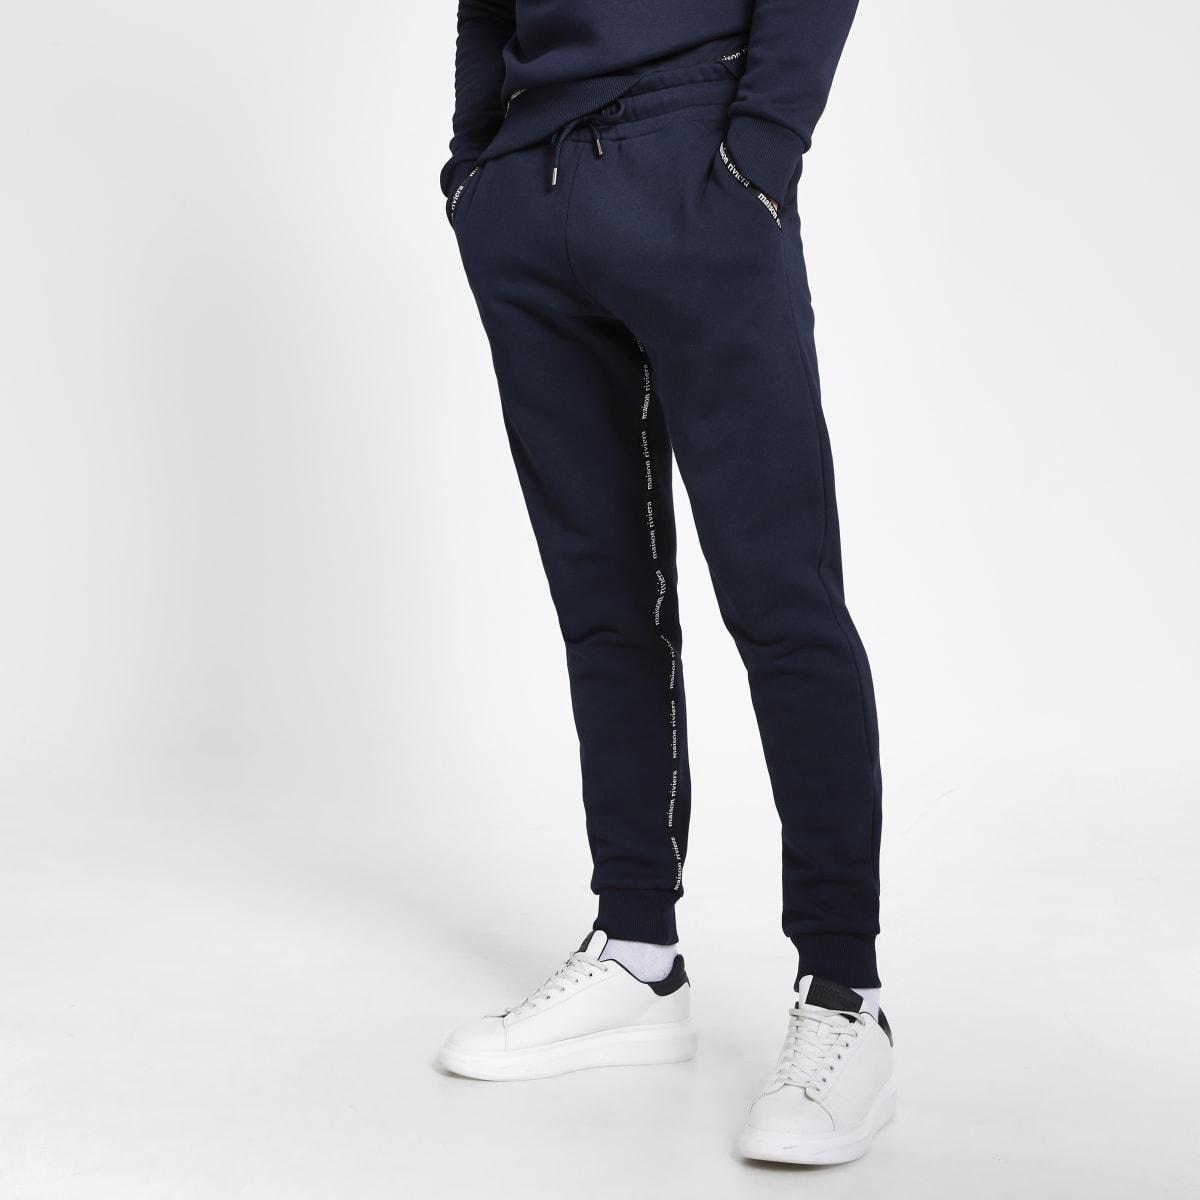 Maison RIviera – Pantalons de jogging fuselés bleu marine avec bande logo